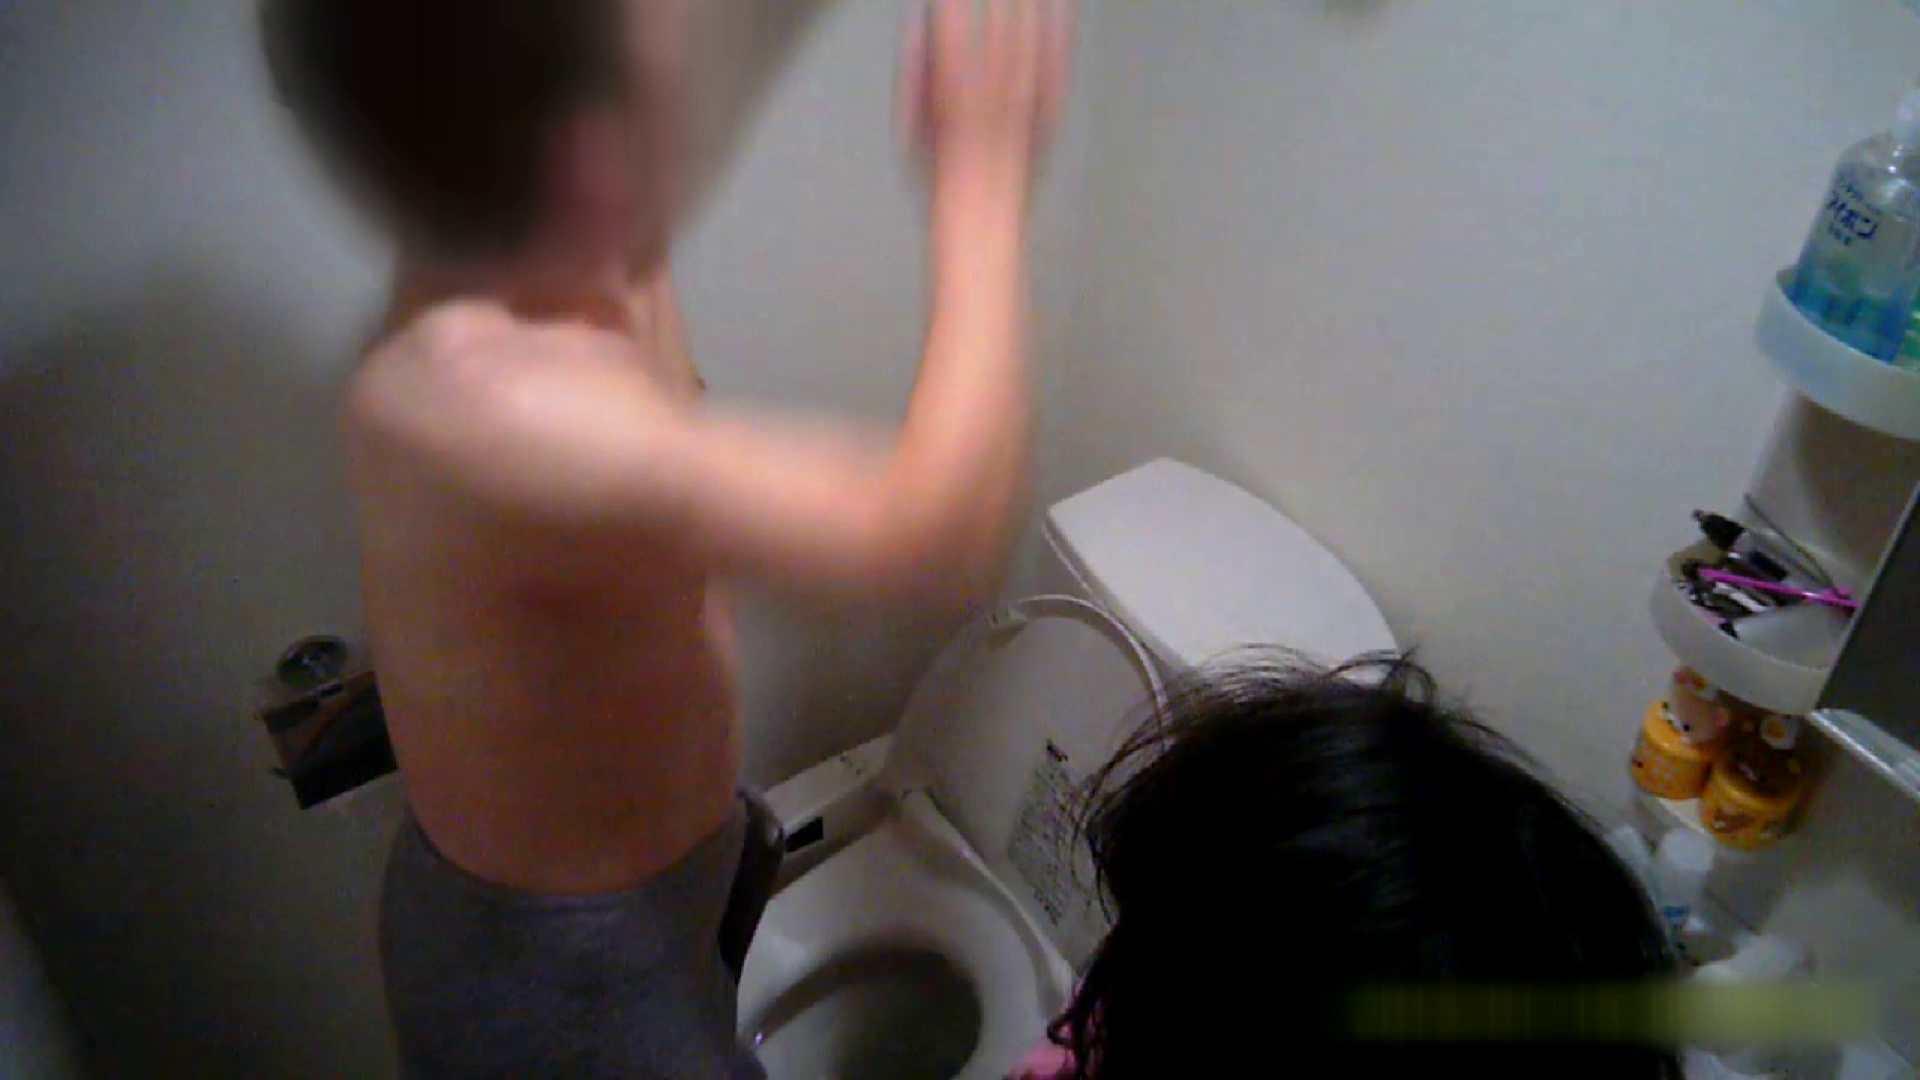 清楚な顔してかなり敏感なE子25歳(仮名)Vol.05 裸でトイレ編 トイレ | OLの実態  60pic 57